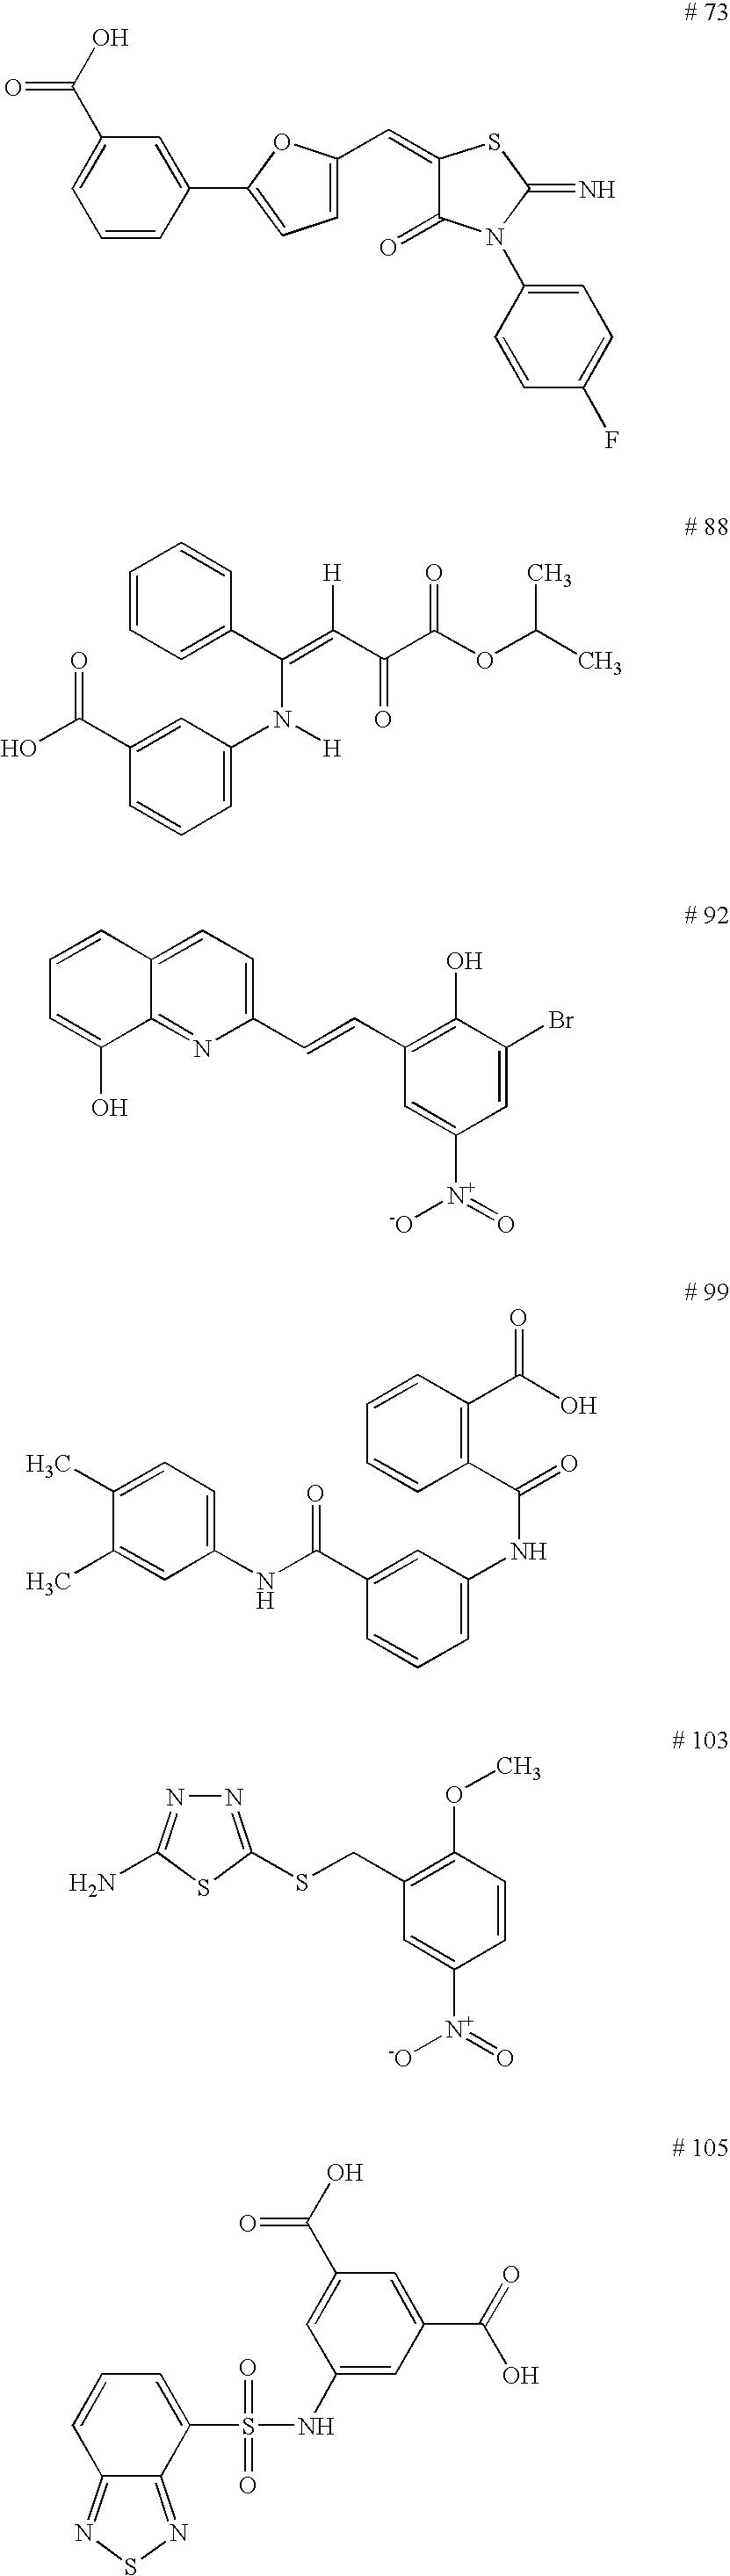 Figure US20070196395A1-20070823-C00163